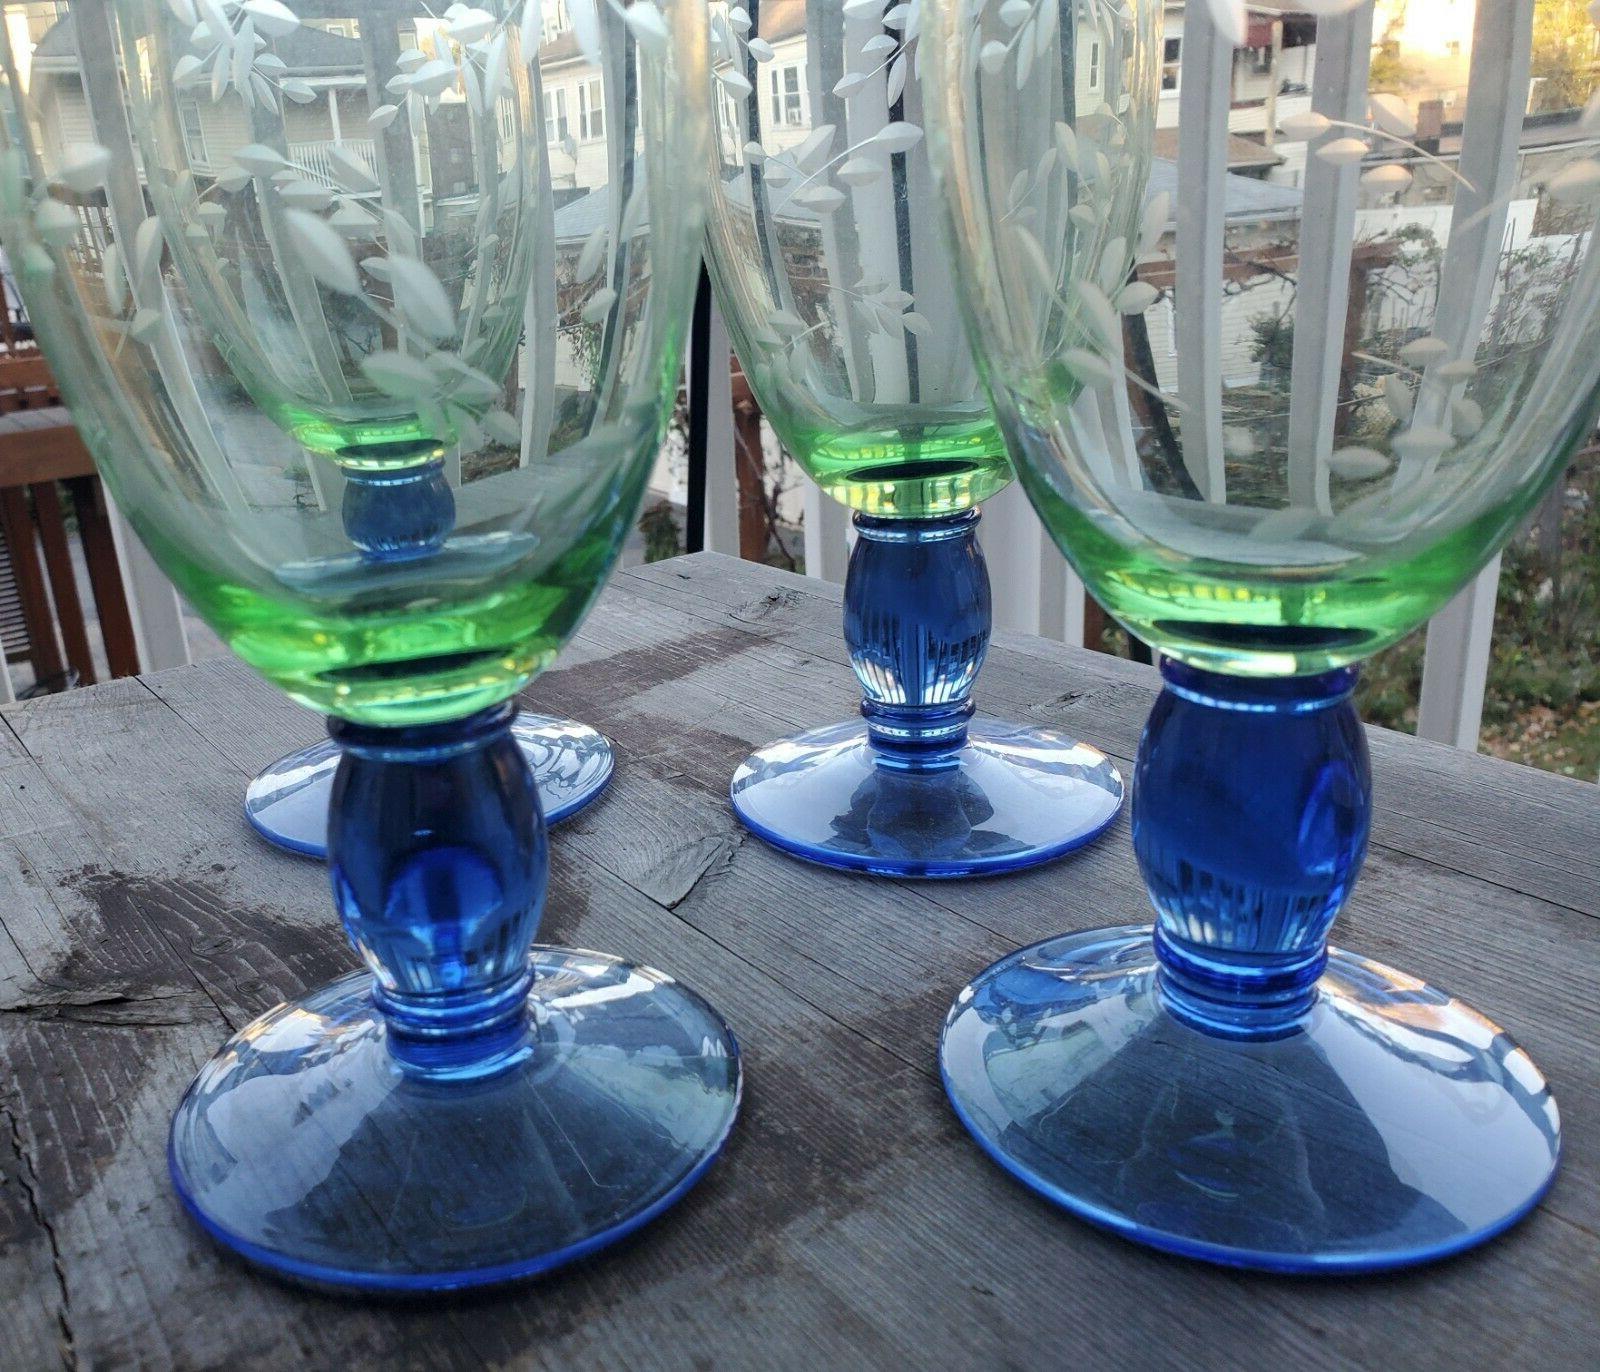 Set Pfaltzgraff Summer 17 oz. Iced Glasses